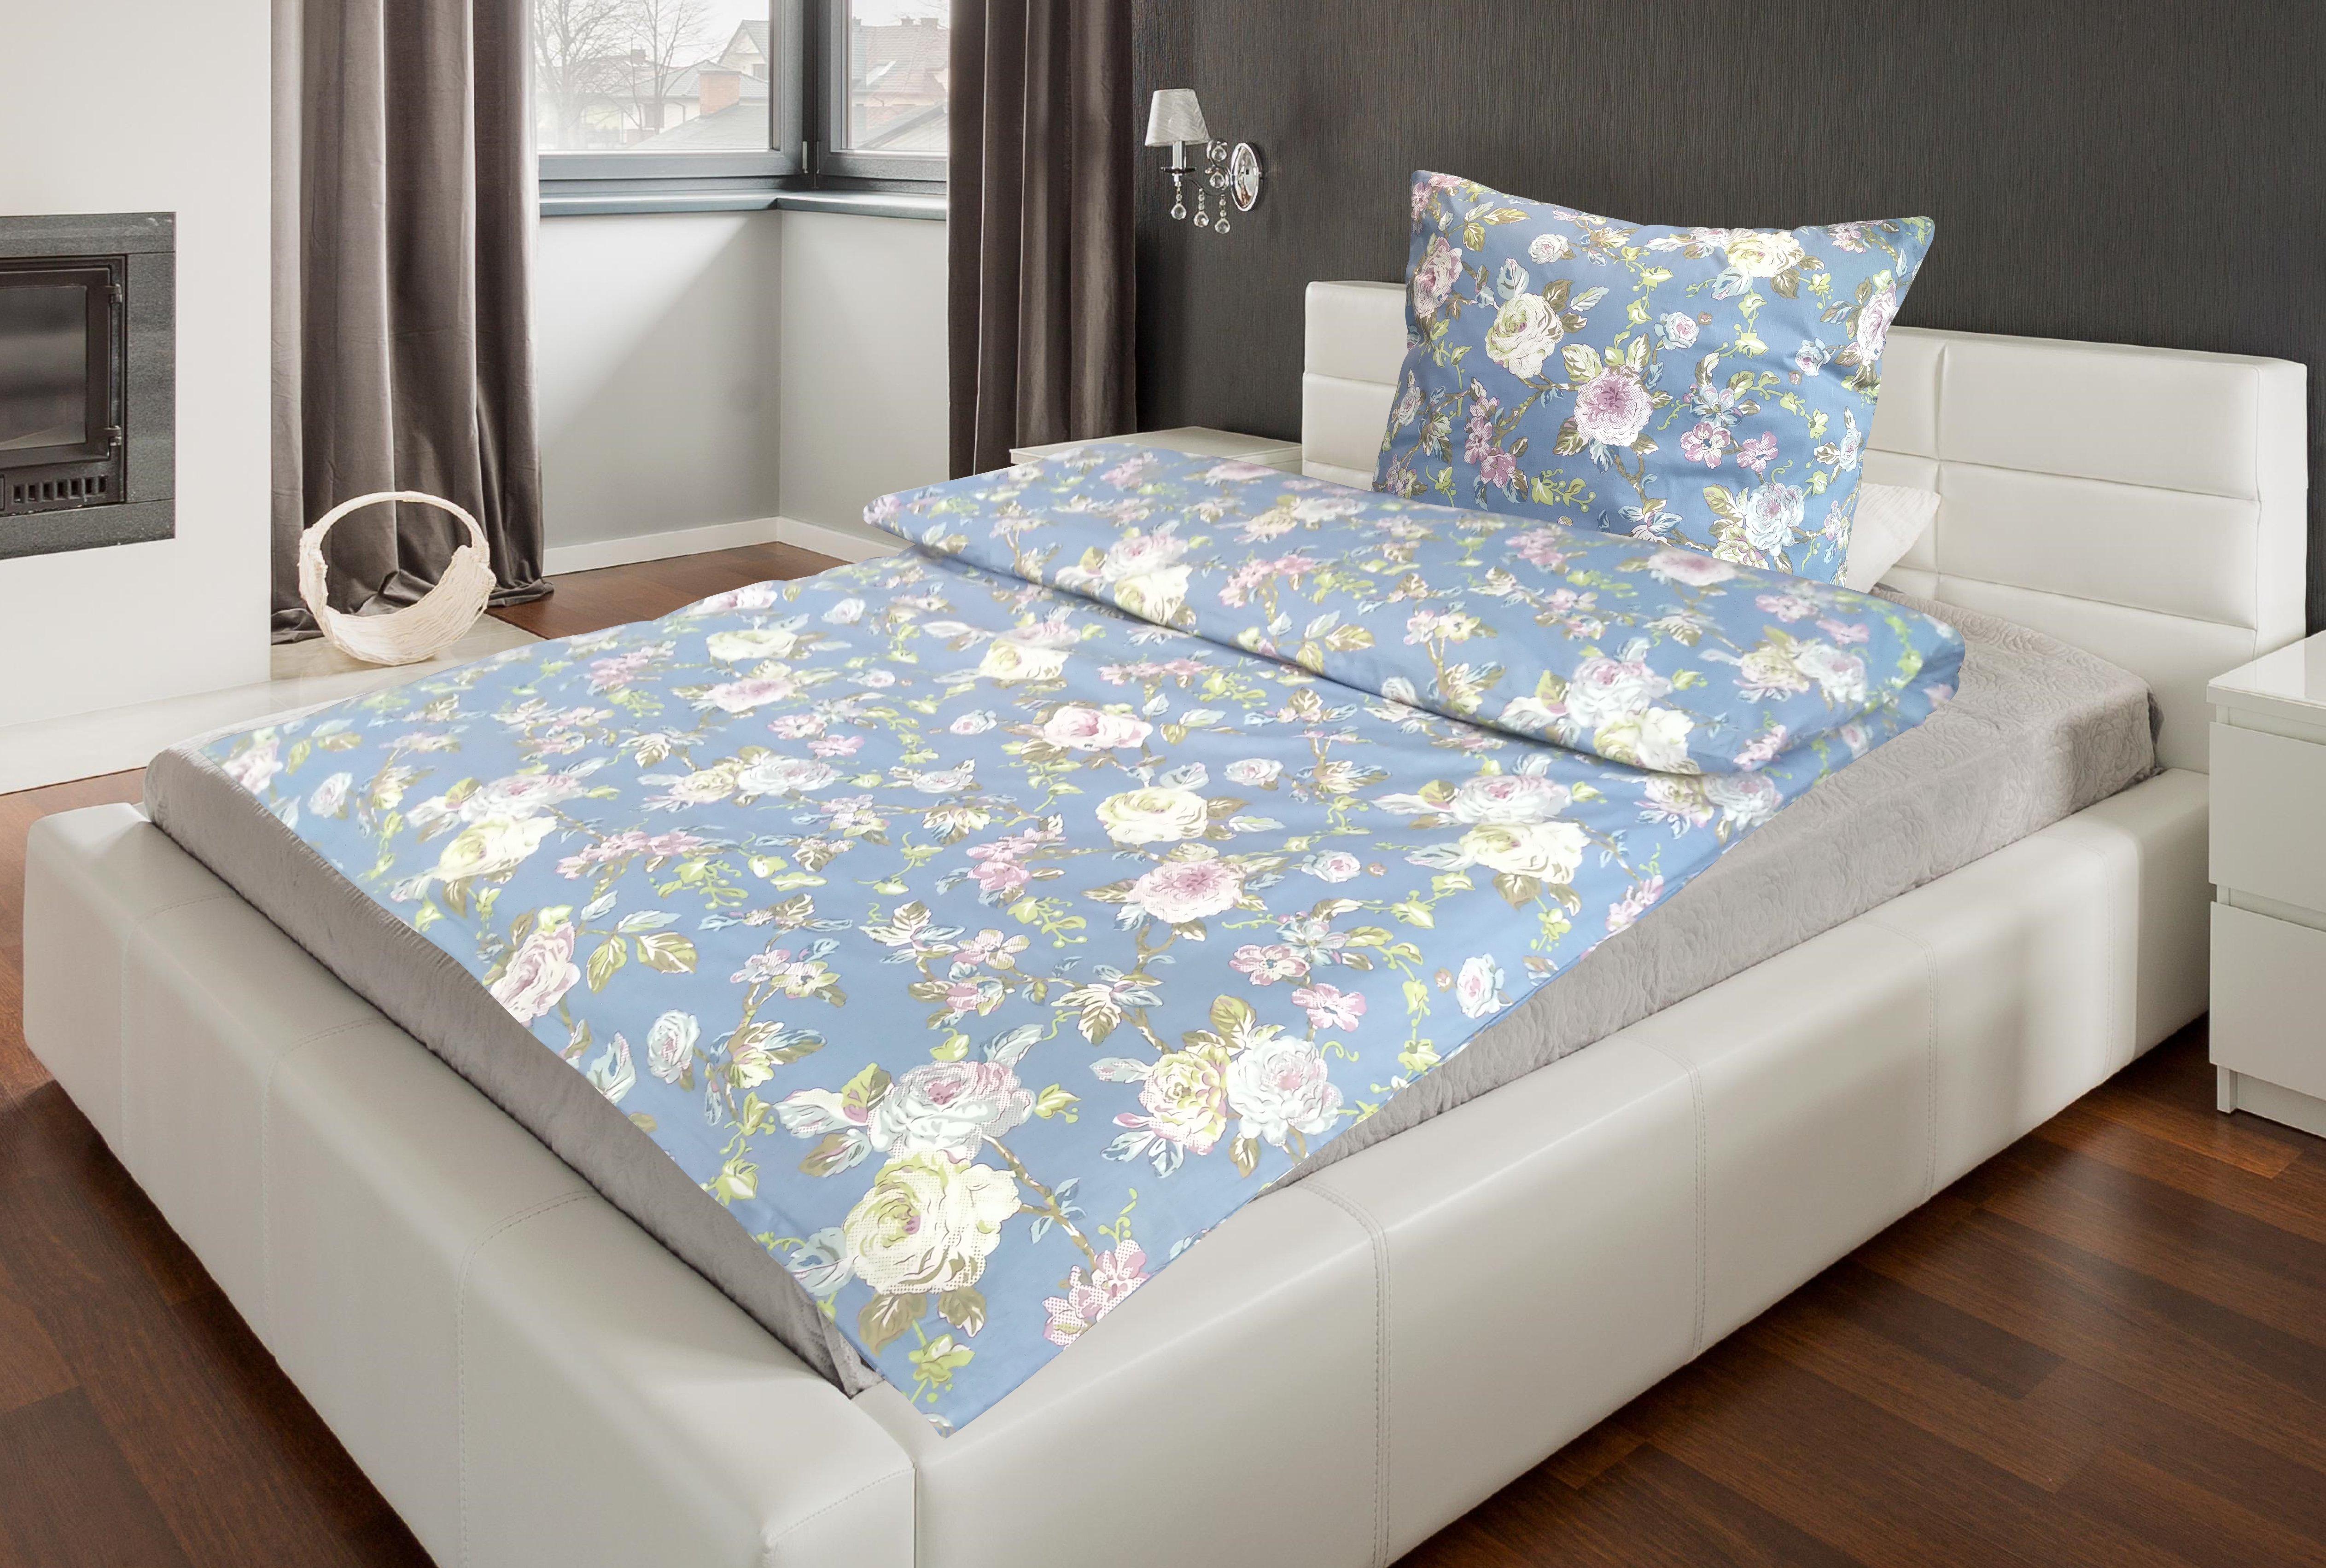 Bettwäsche Pippa 155x220cm, blau